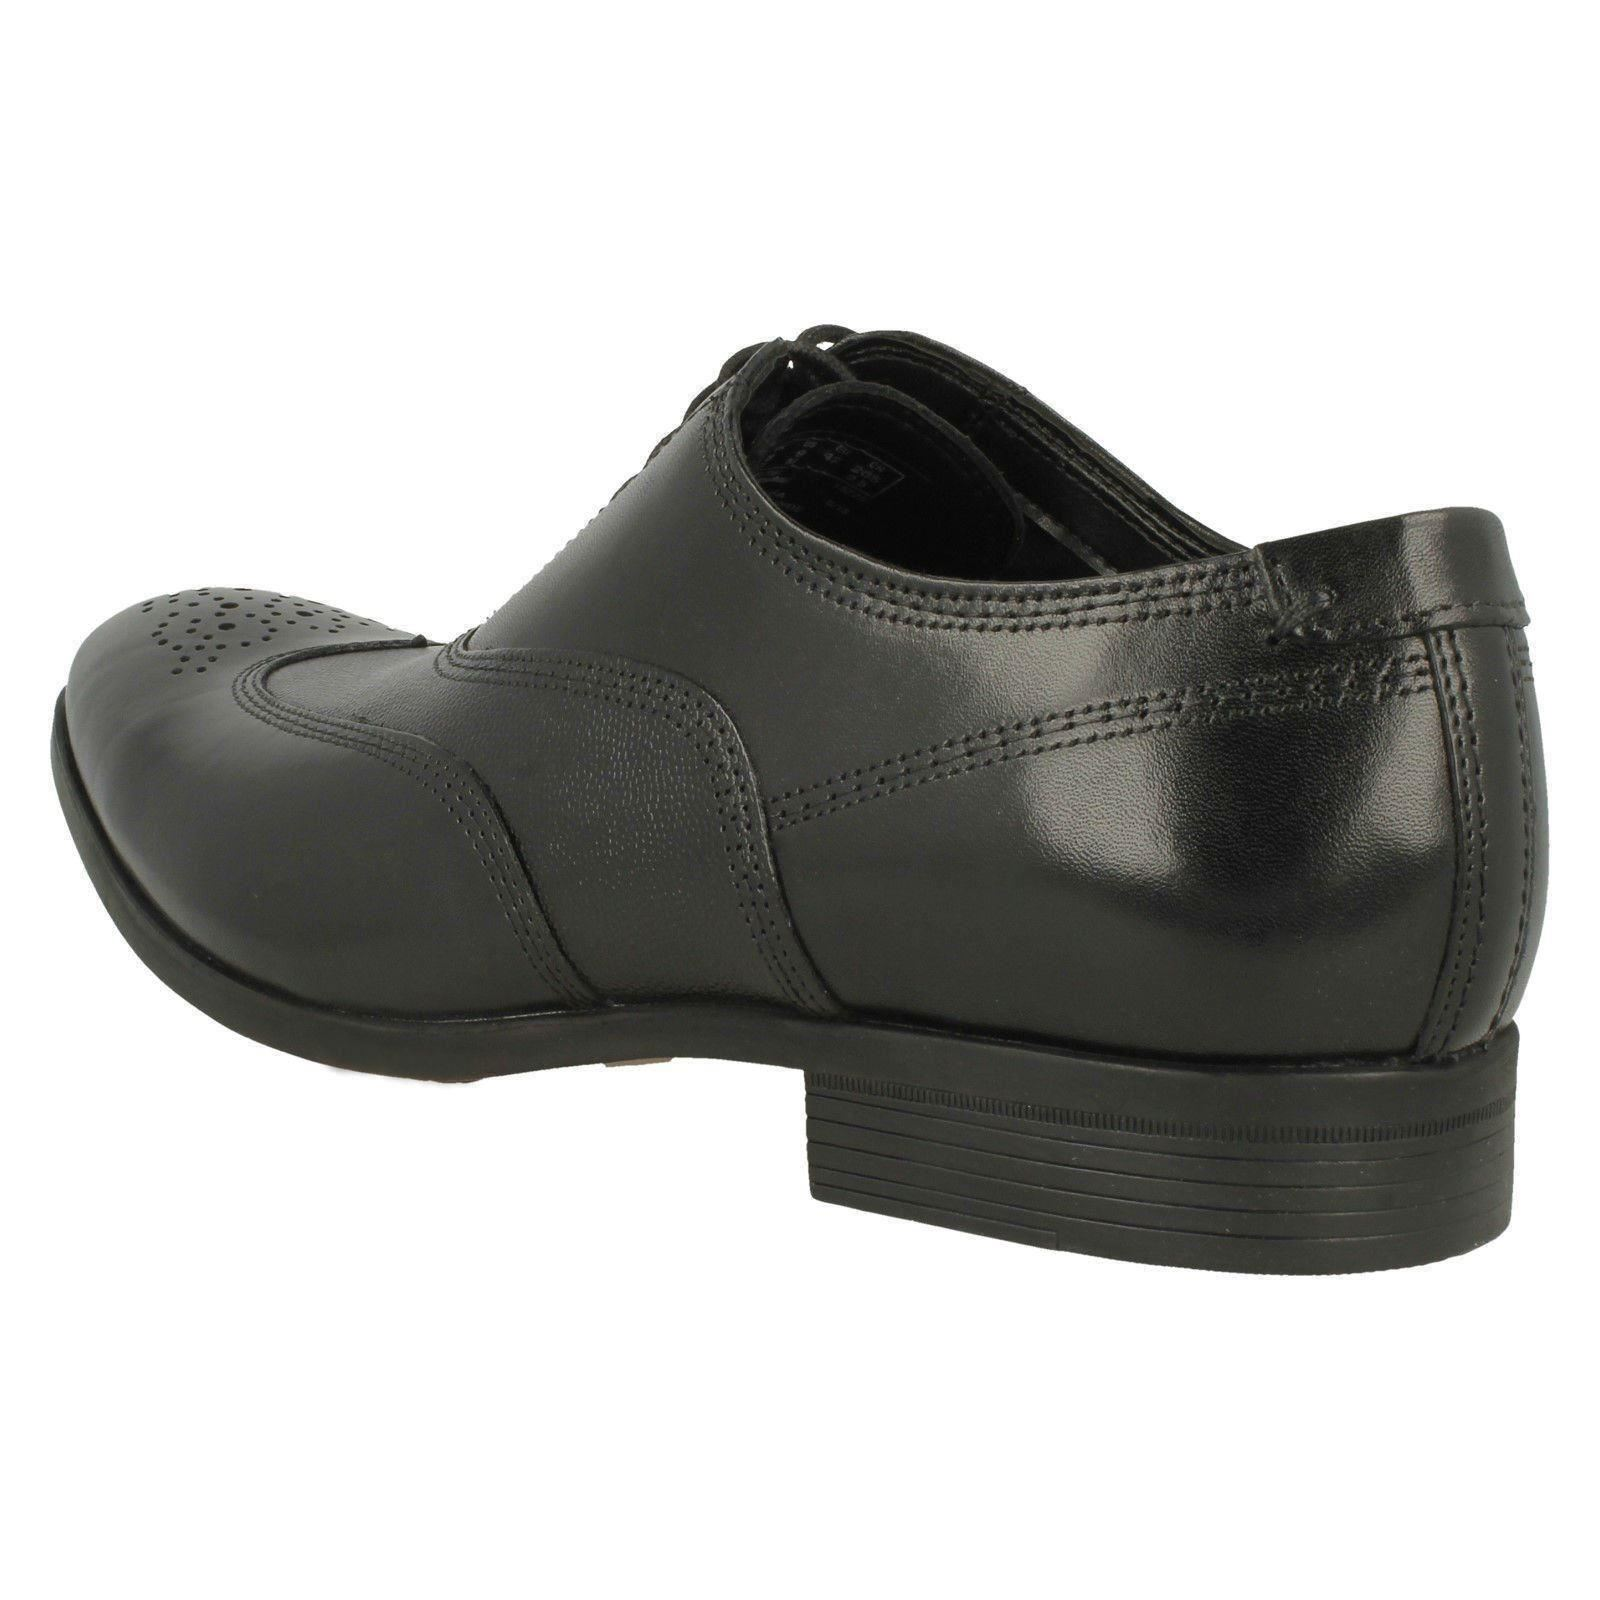 Hombre Clarks Formal Zapatos Oxford con Cordones Cordones Cordones Gilmore Wing 0d2a7d